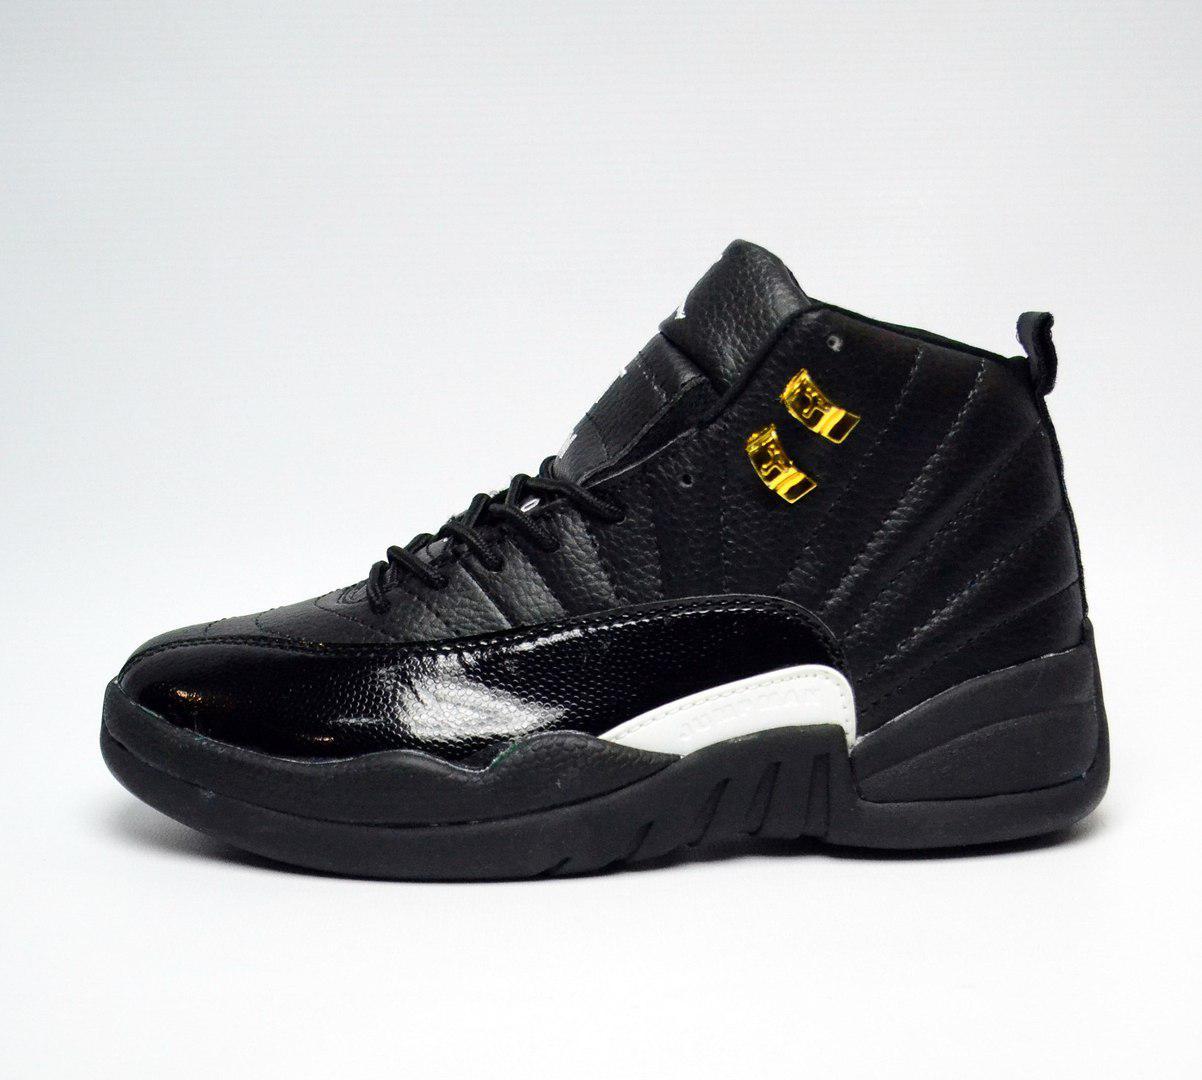 Стильные мужские кроссовки Найк аир Джордан ретро, черные кроссовки Nike  Jordan (реплика) - 112038ddc1c